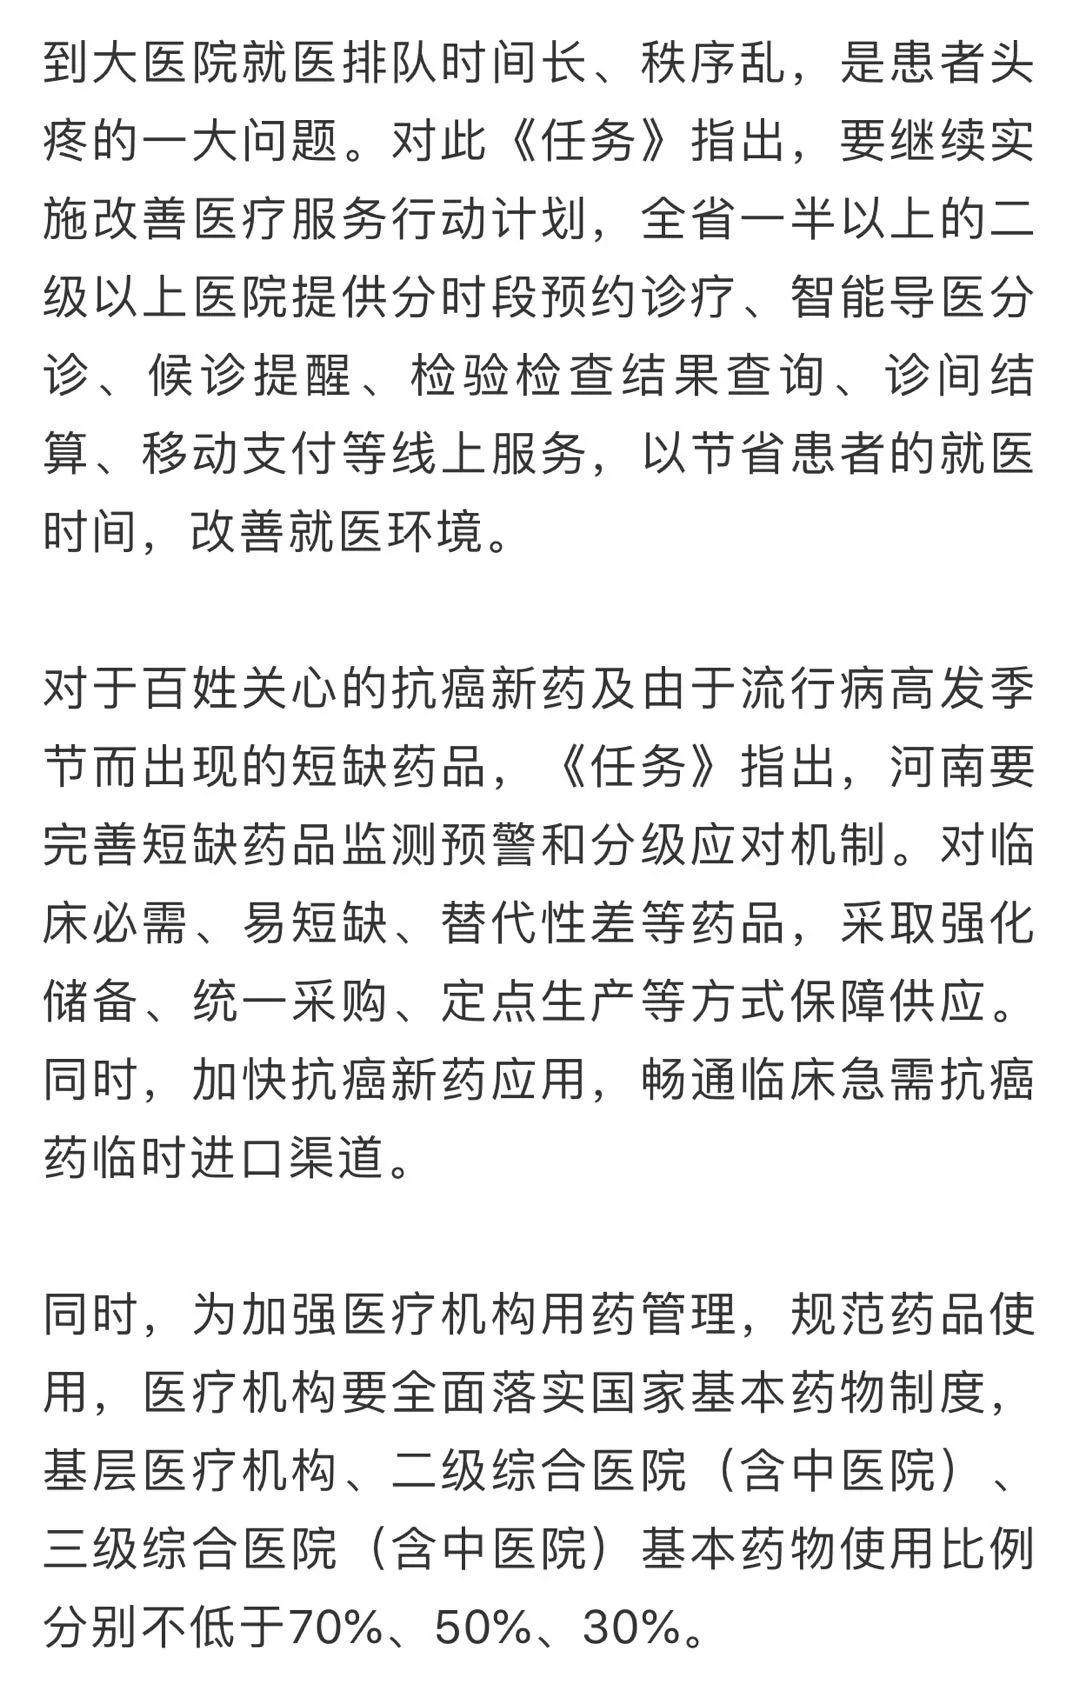 河南2019醫改32條重點任務發布!高血壓病、糖尿病等門診用藥納入醫保